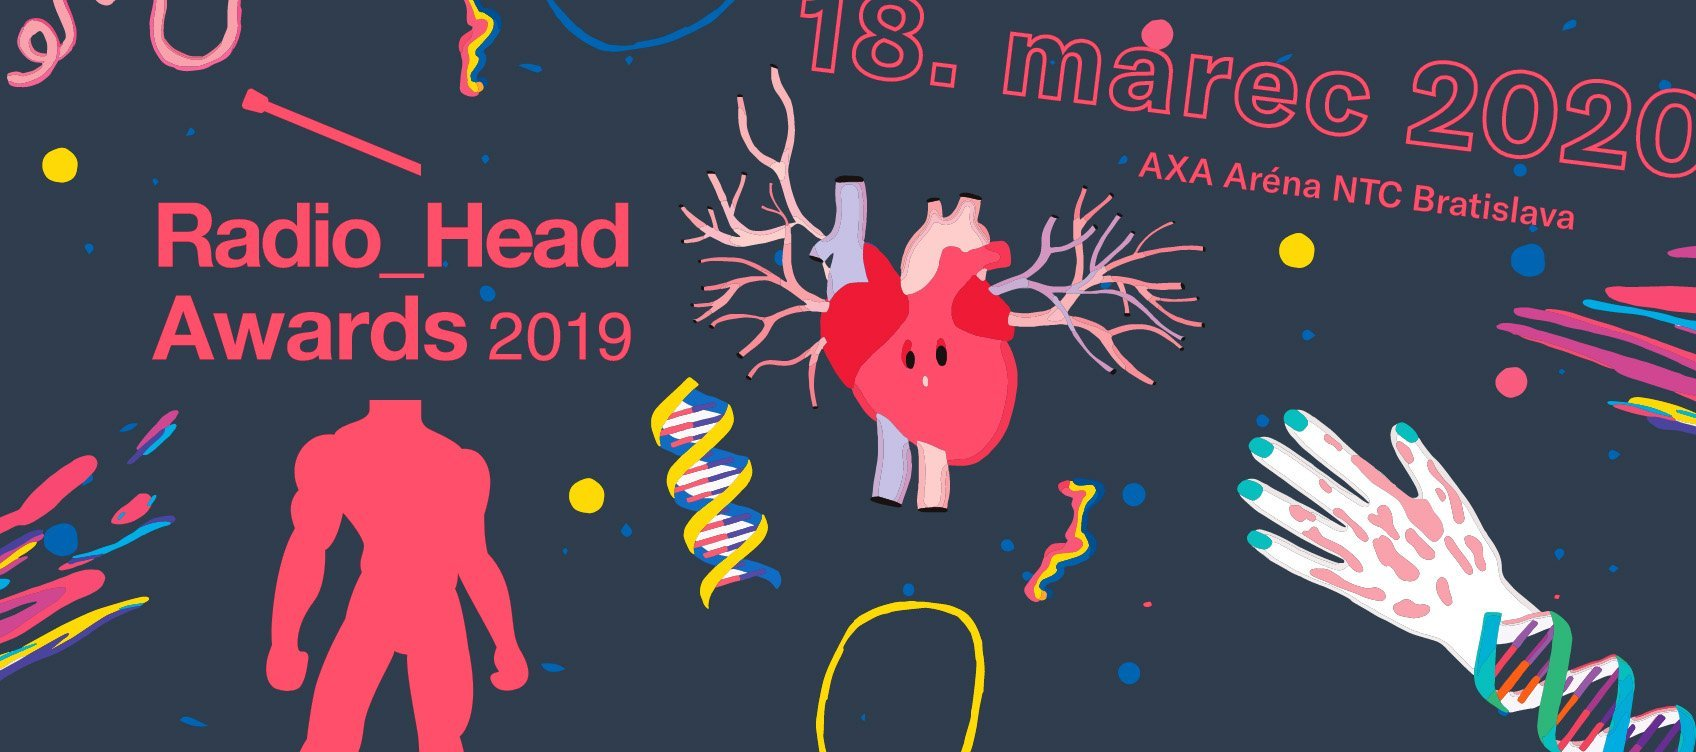 Radio_Head Awards 2019